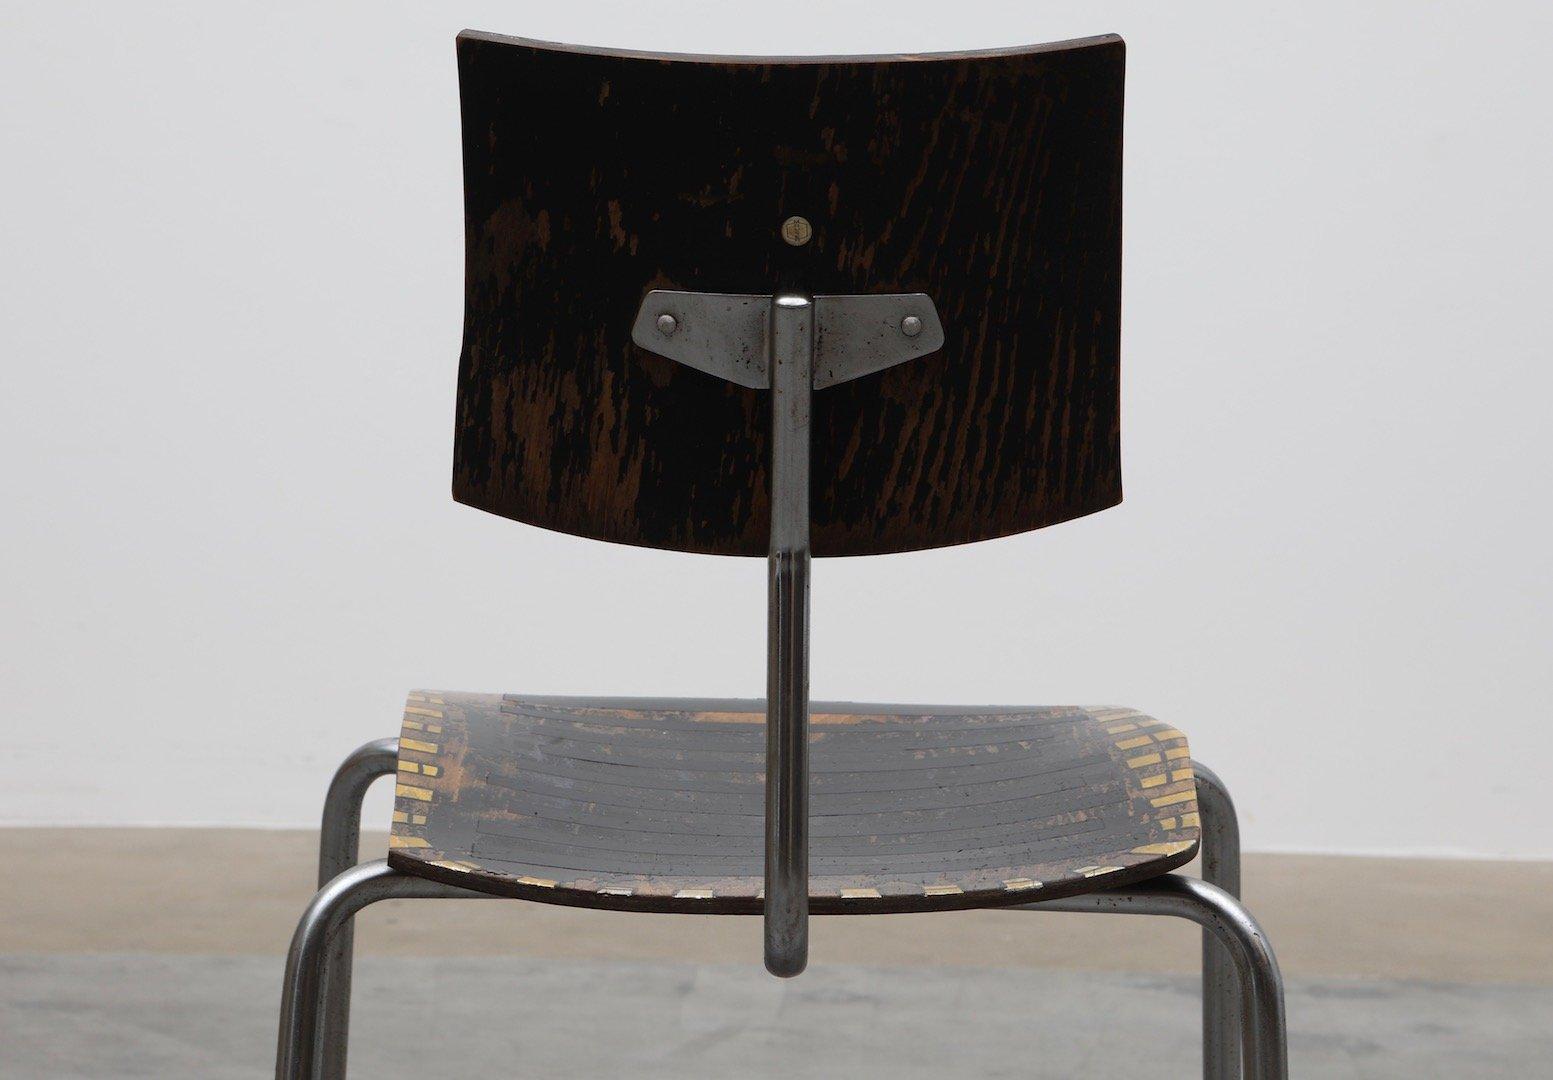 chaise d 39 appoint par markus friedrich staab 2019 en vente sur pamono. Black Bedroom Furniture Sets. Home Design Ideas